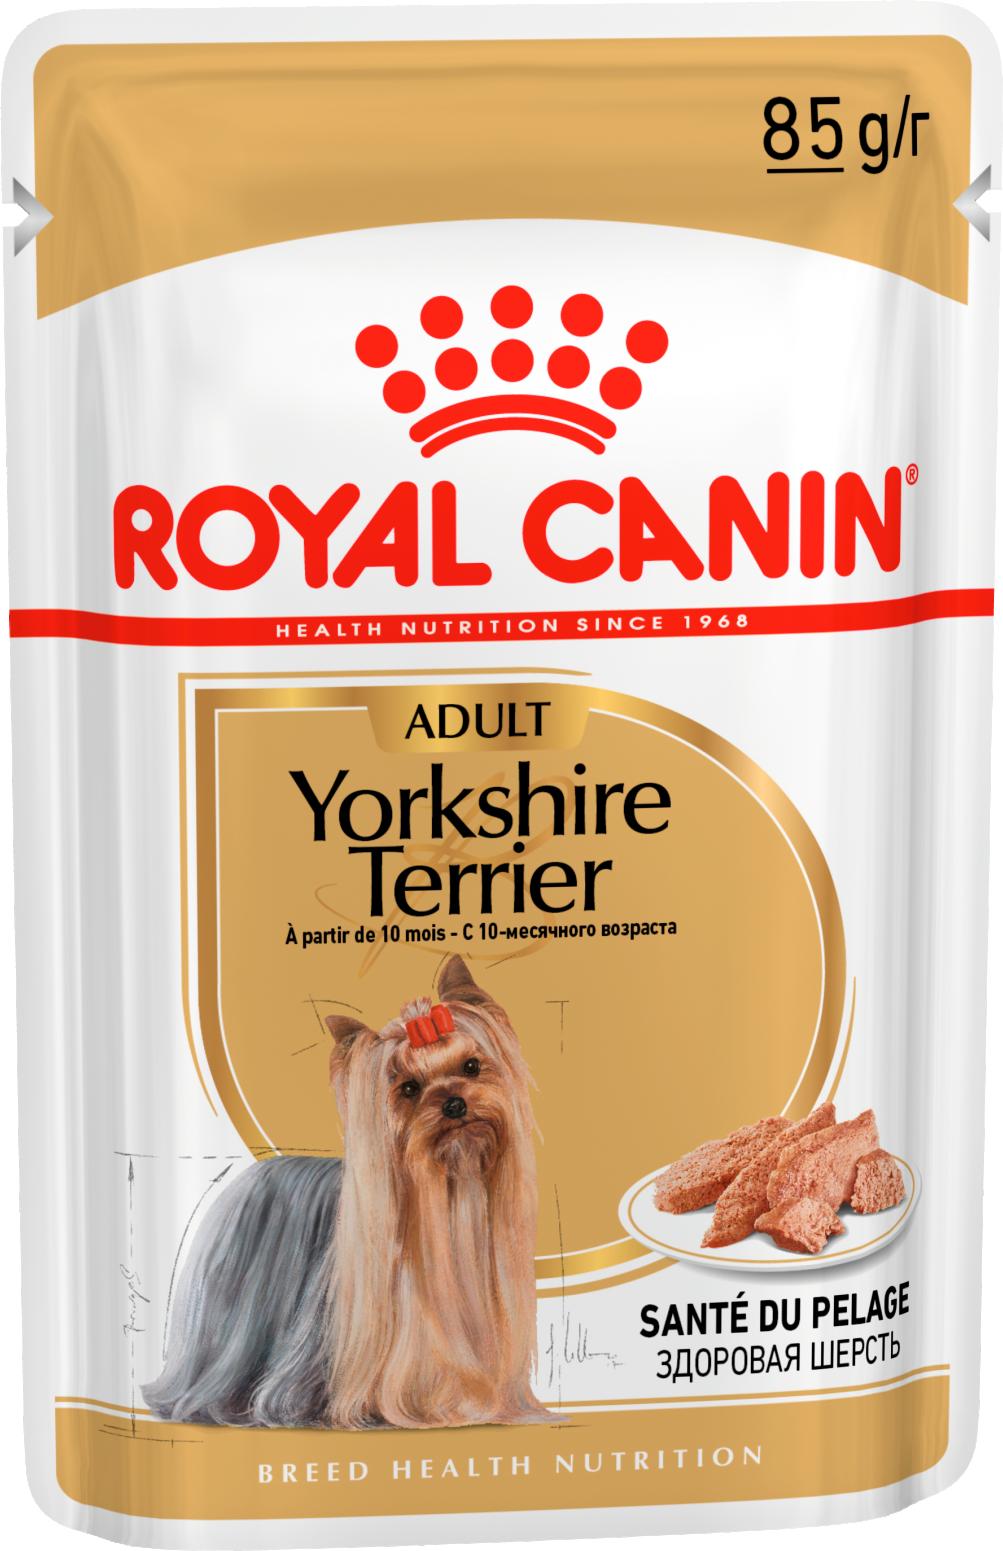 Влажные корма Паштет для взрослых собак породы йоркширский терьер, Royal Canin Yorkshire Terrier Adult 140012.png